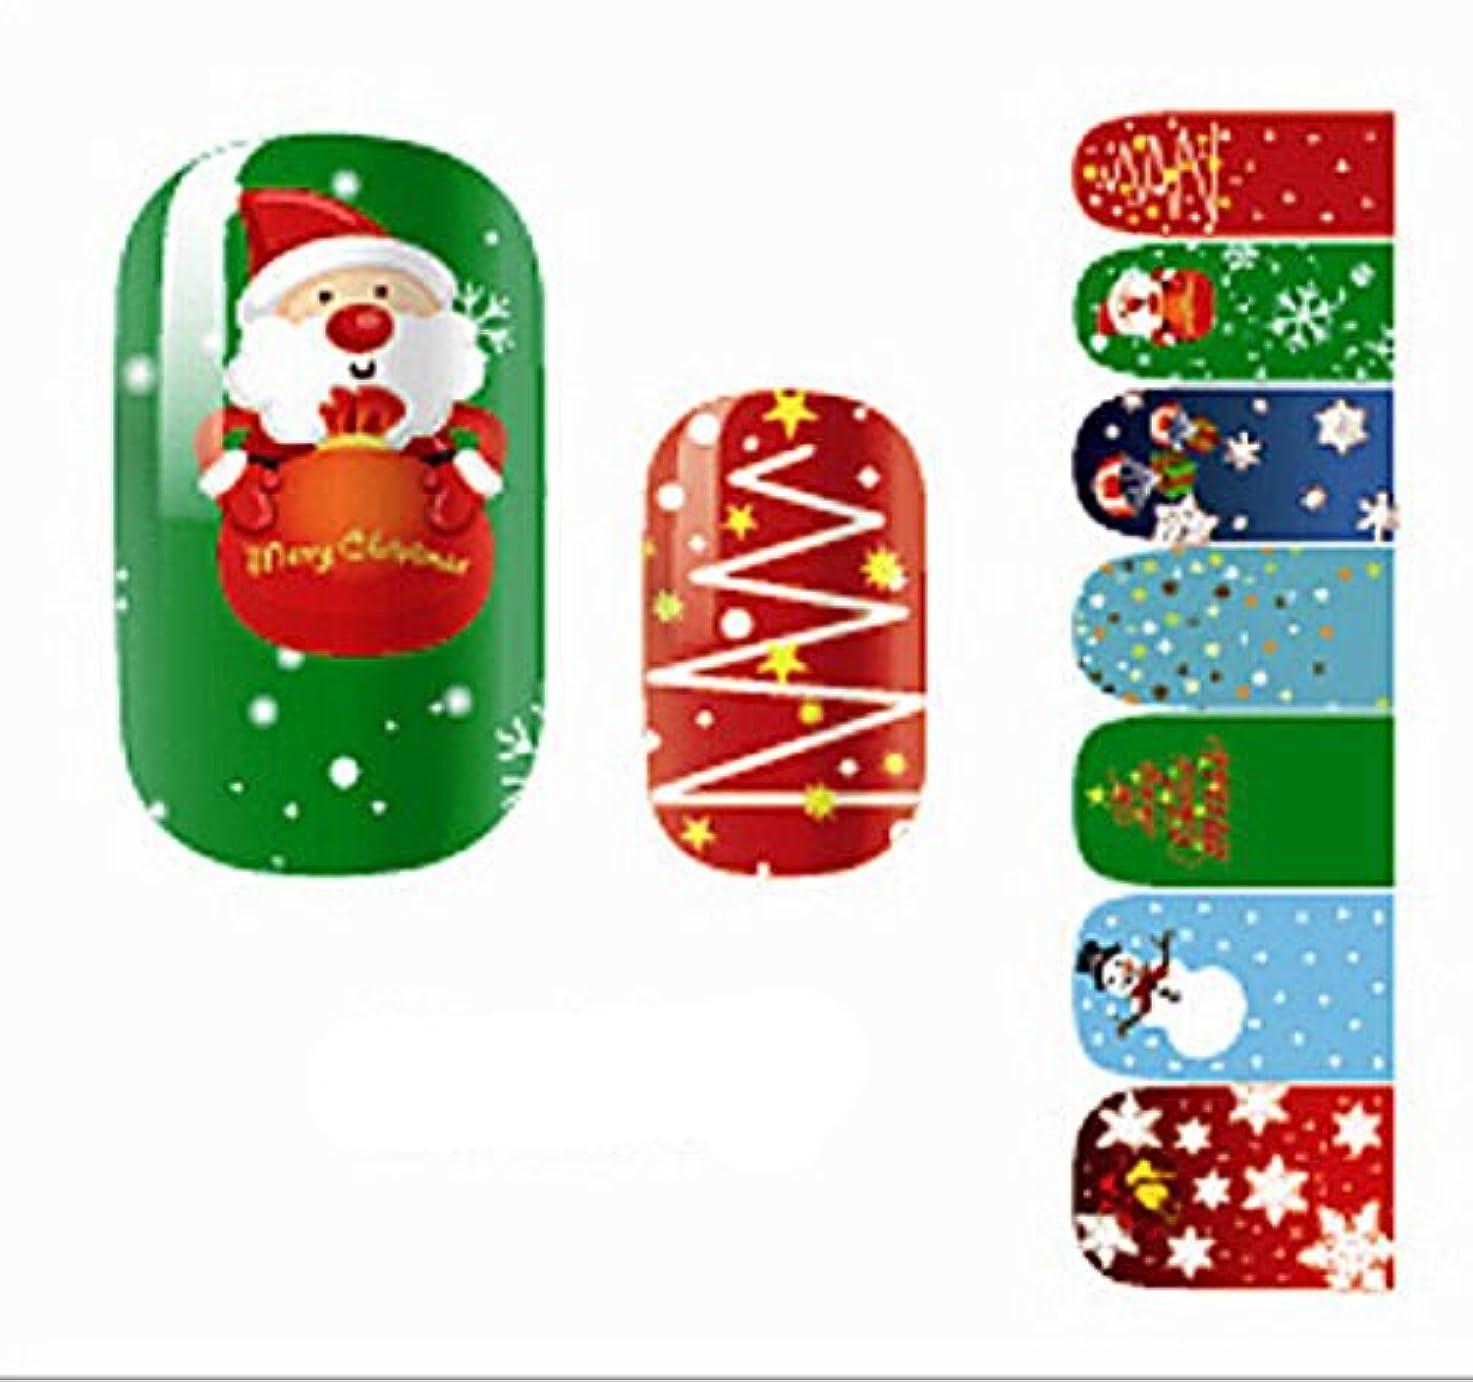 懐ラバ周りHappyハッピー耳 14枚7ペア/セット 可愛いネイルシール クリスマス サンタクロース 雪 海軍風 ウサギ 混合柄 薄い レディース 子供に適用 (クリスマス風)